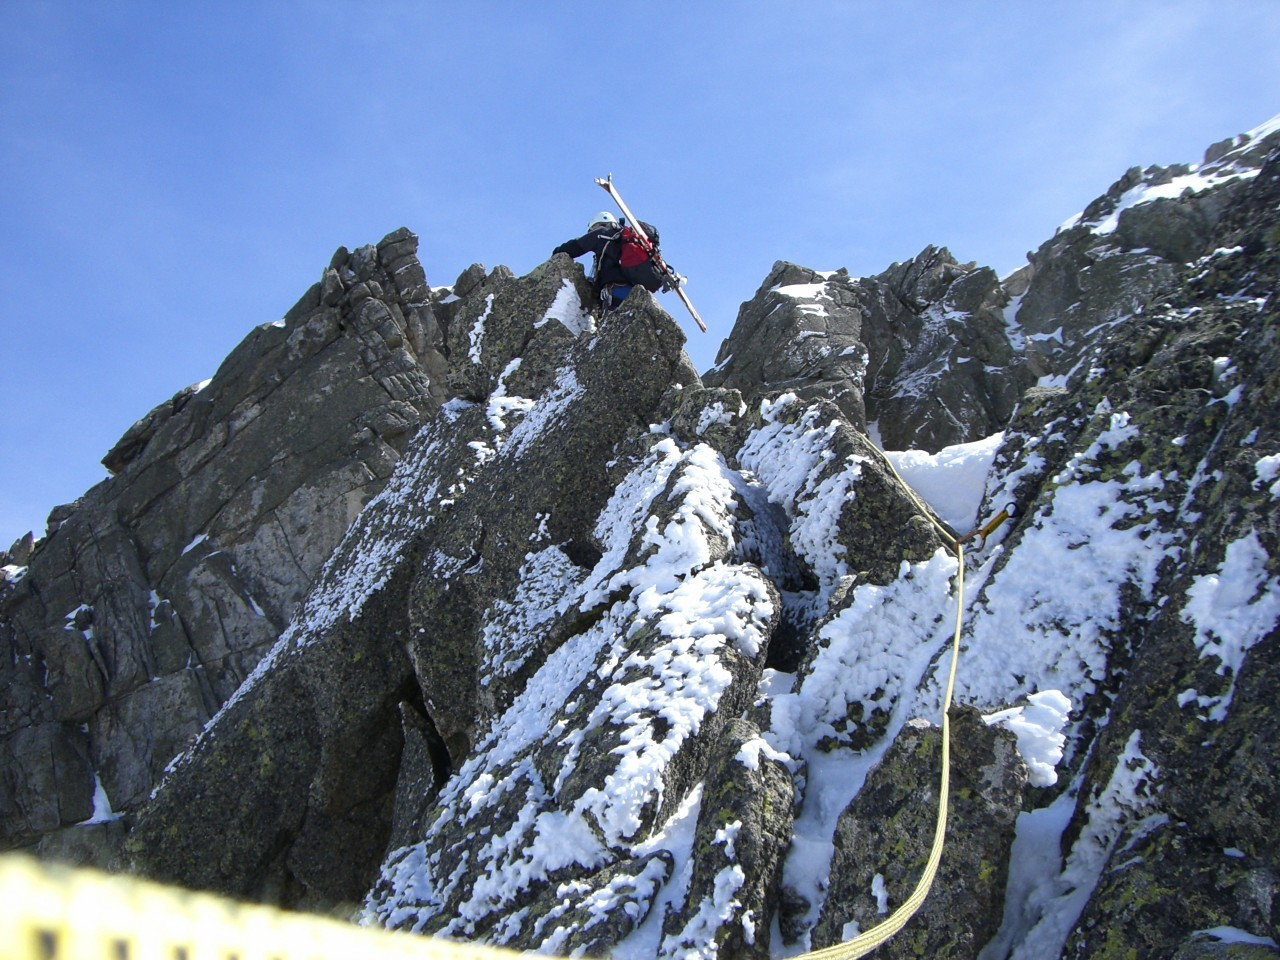 Inici de la cresta amb força verglaç.